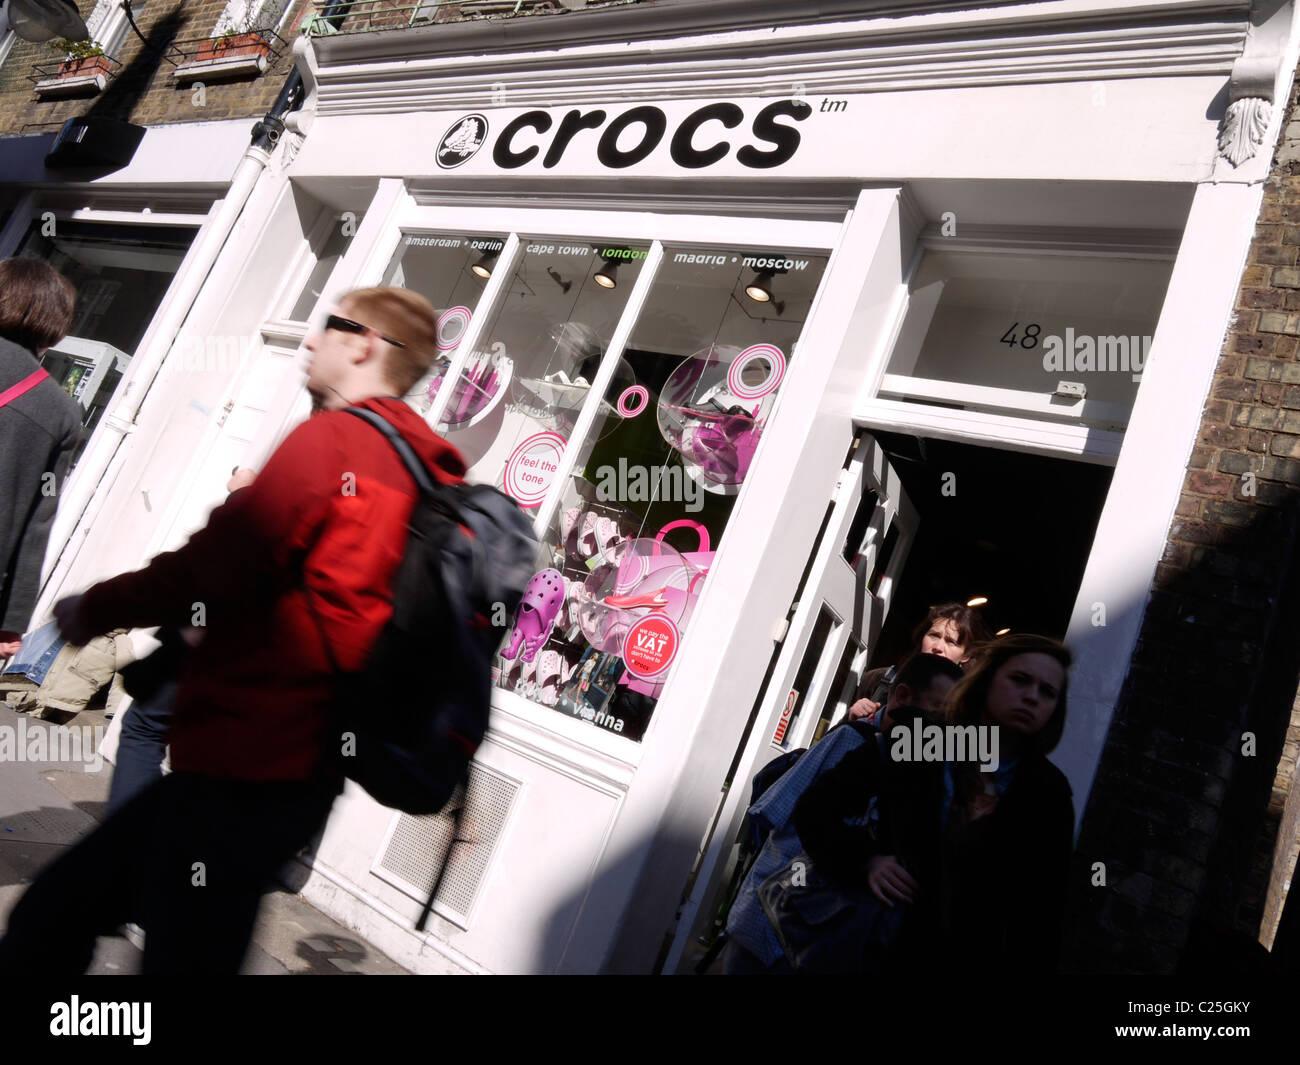 crocs retail shoe outlet, shoes - Stock Image